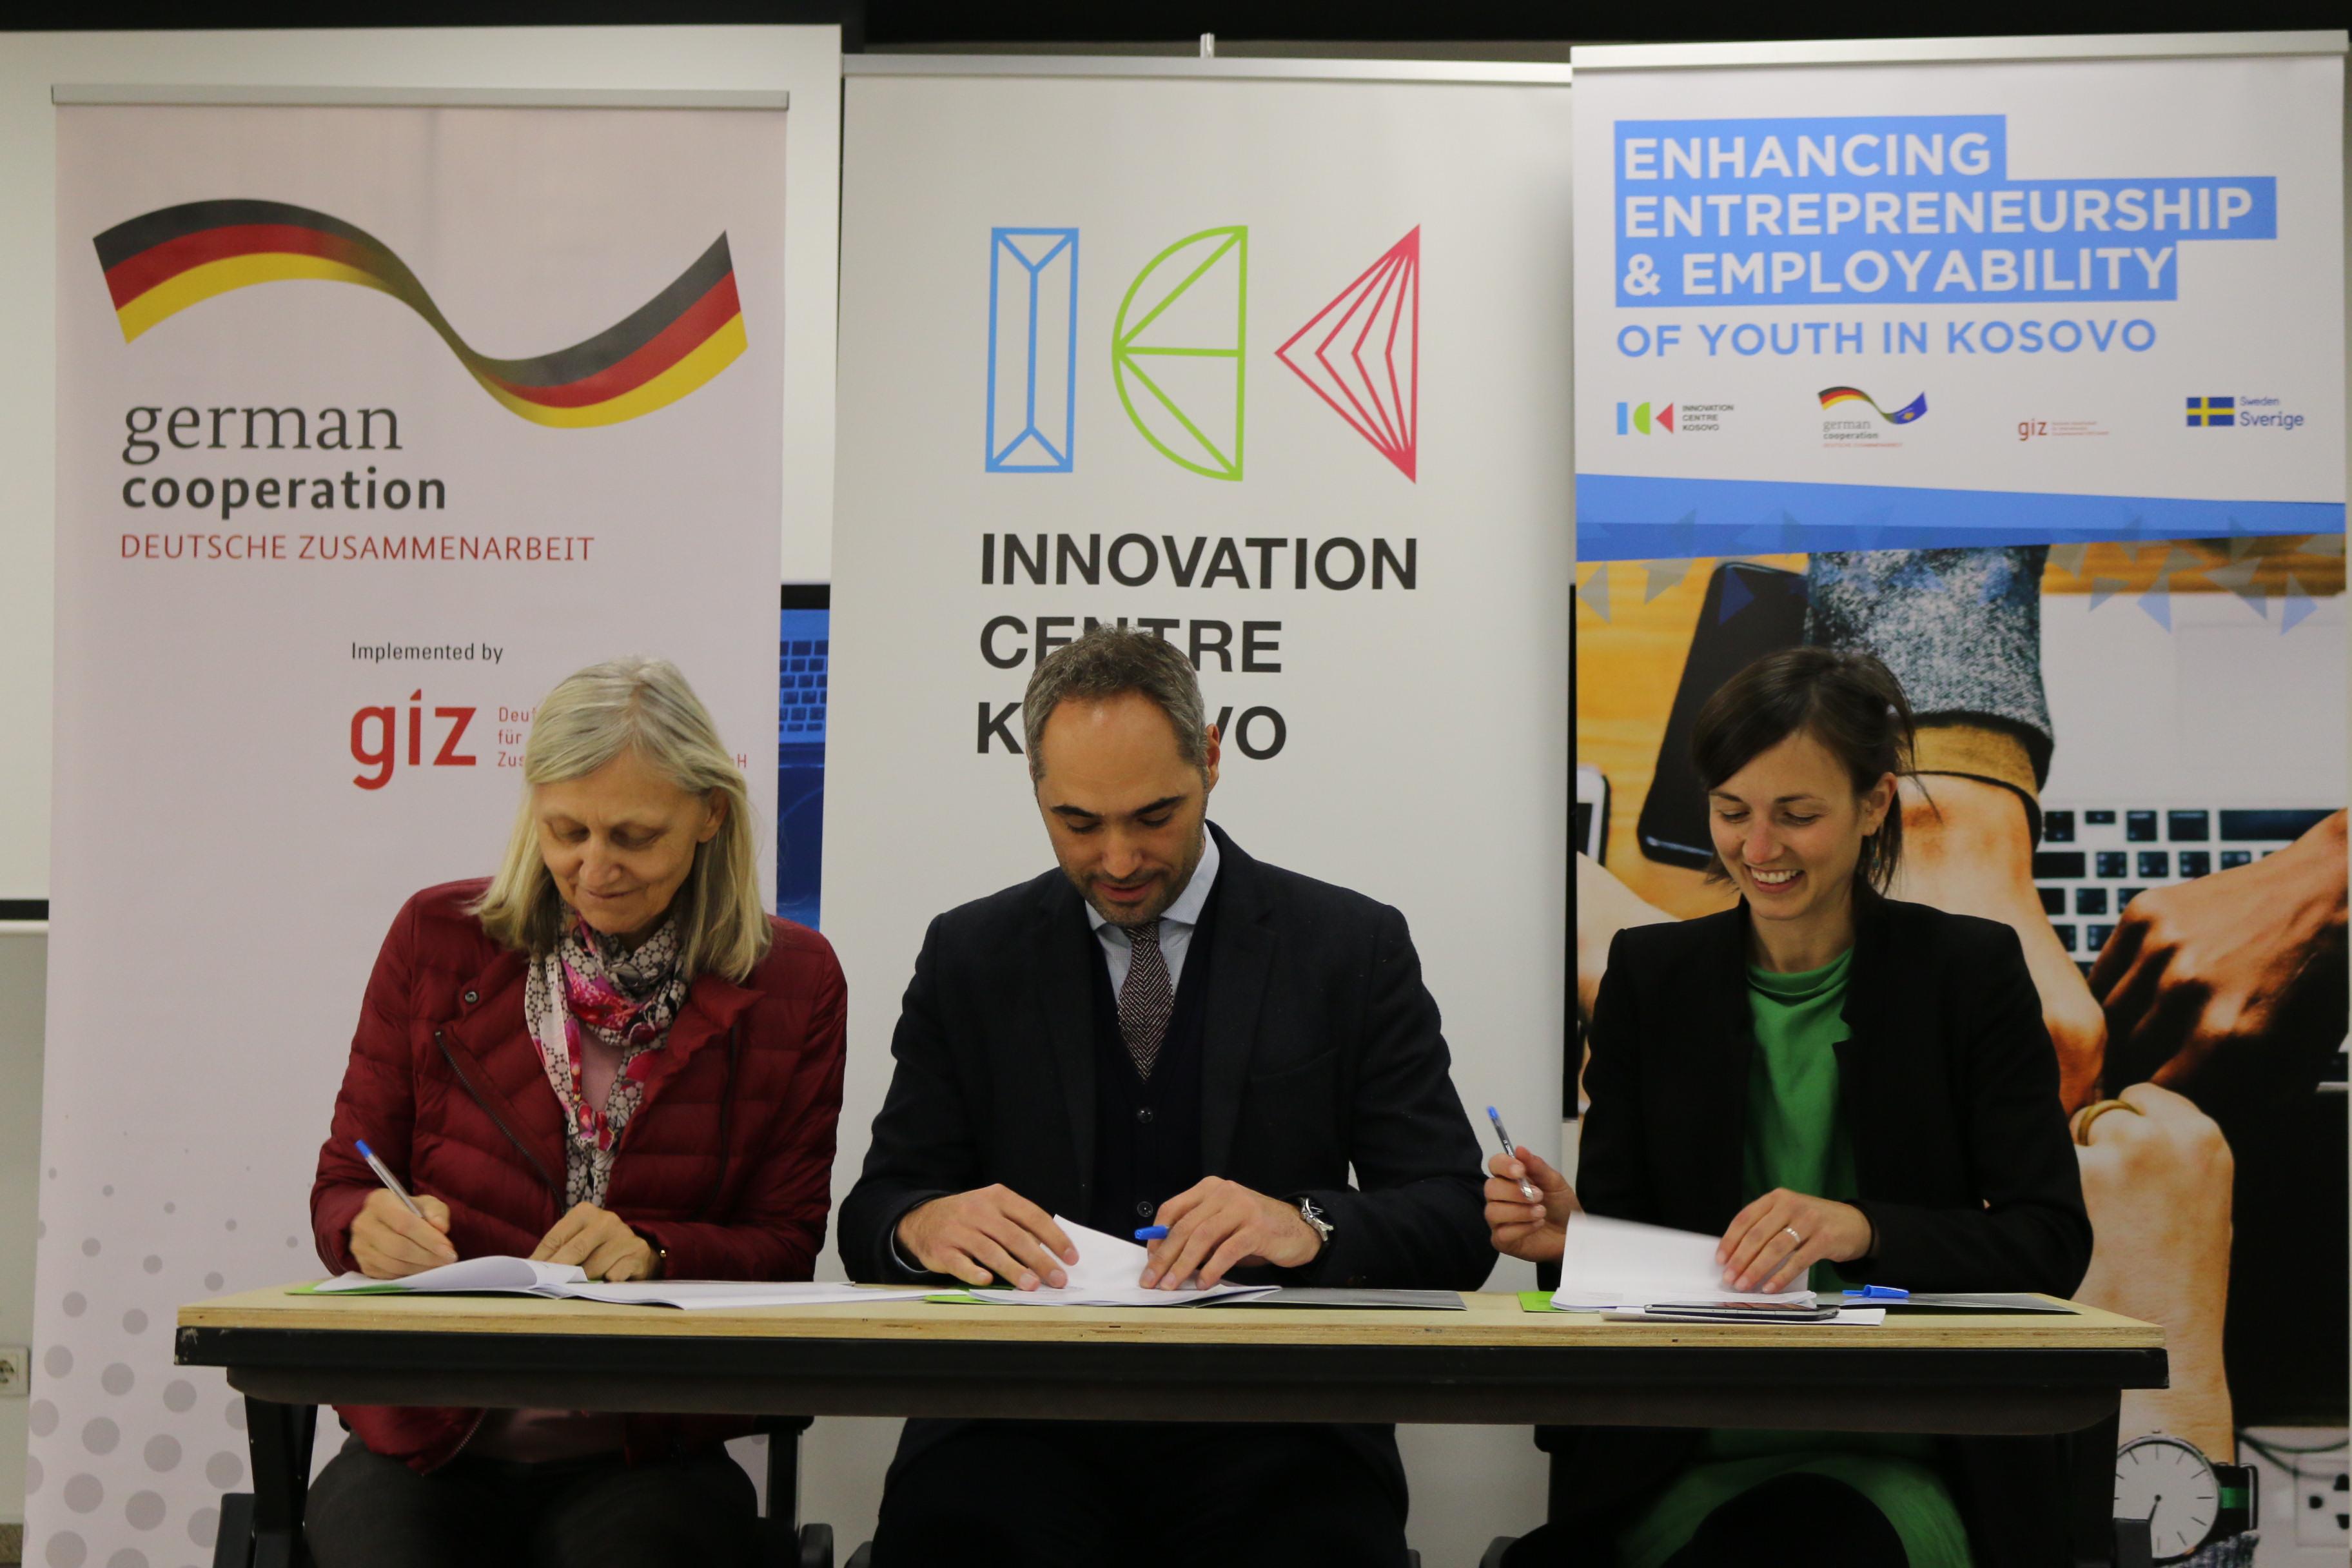 Lansohet Fondi për Inovacion nga GIZ dhe ICK